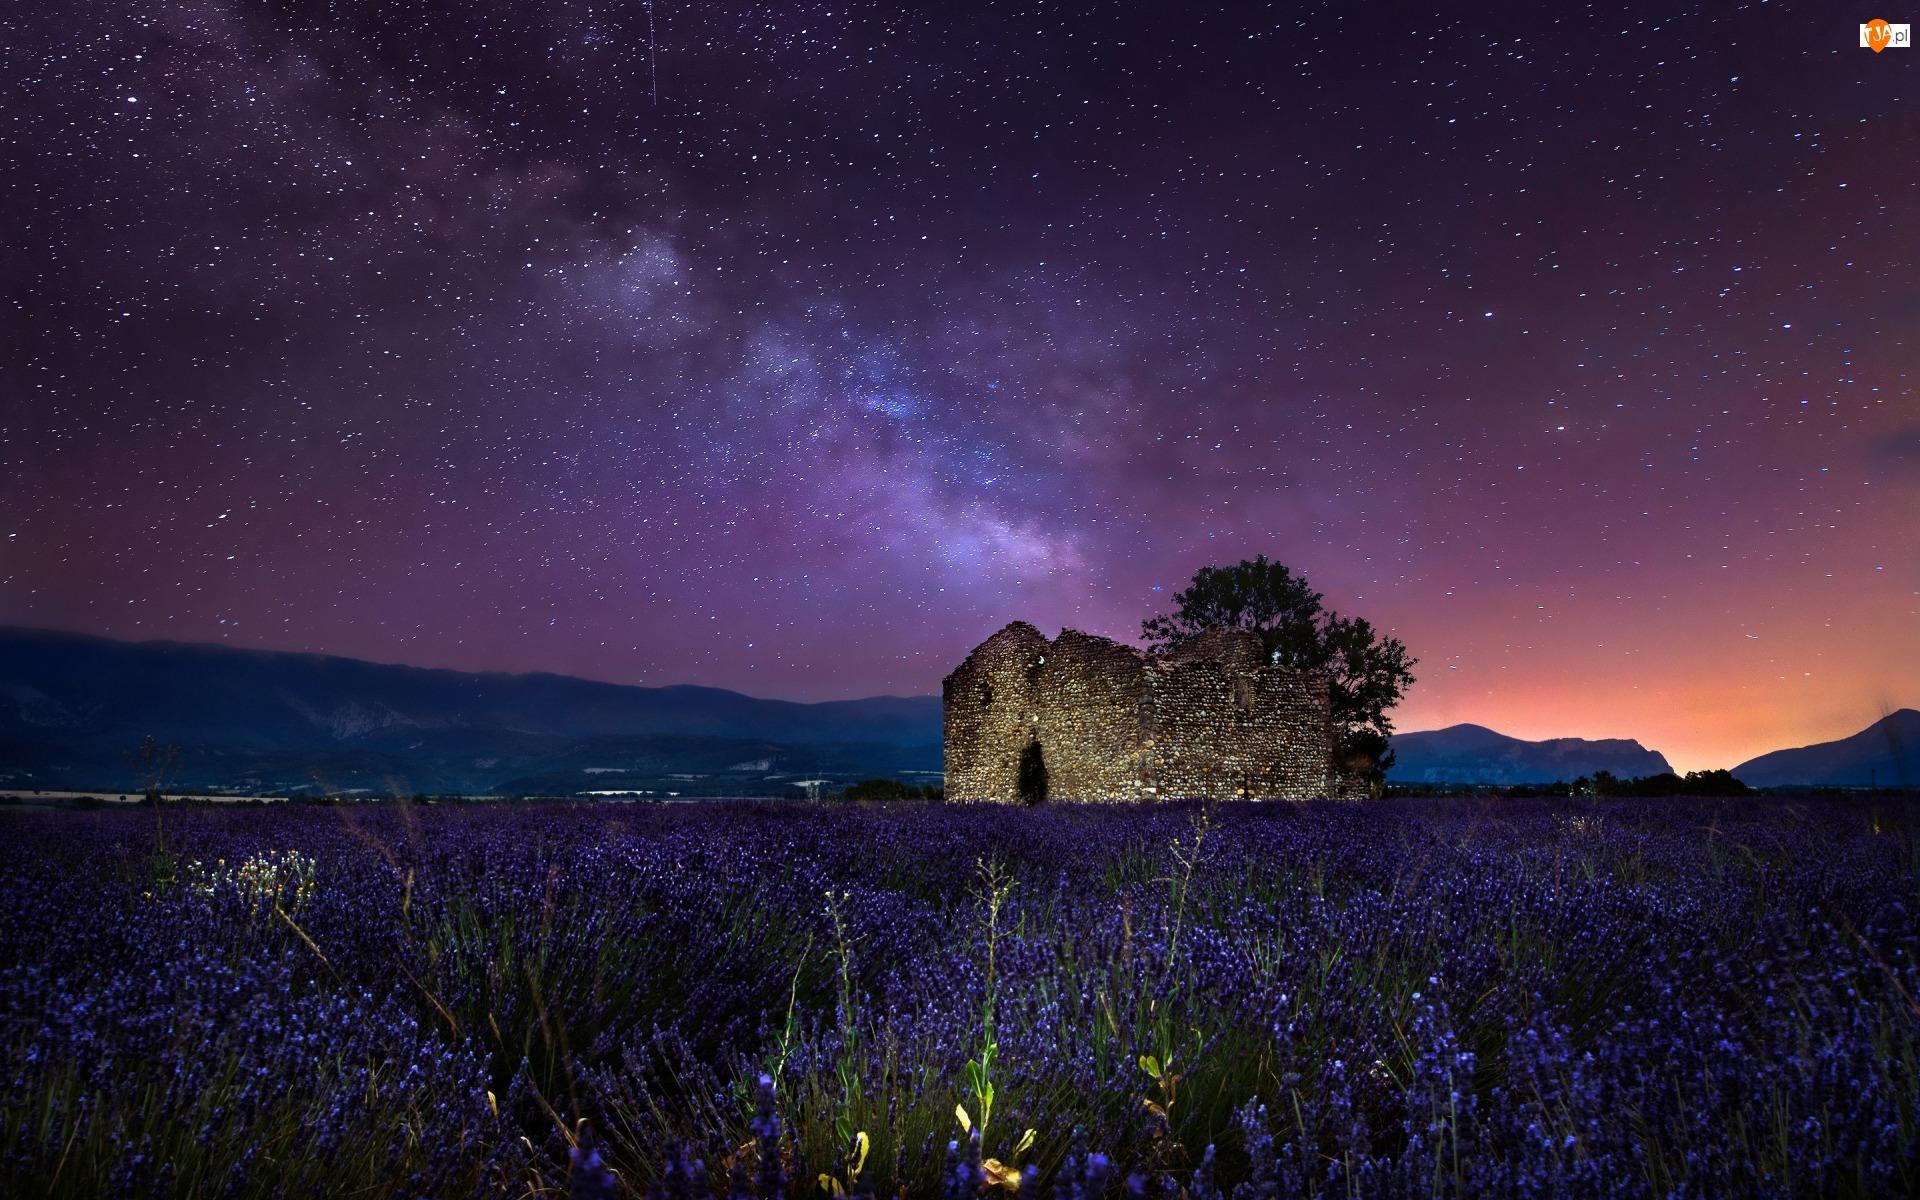 Droga mleczna, Gwiazdy, Prowansja, Pole, Francja, Ruiny, Płaskowyż Valensole, Lawenda wąskolistna